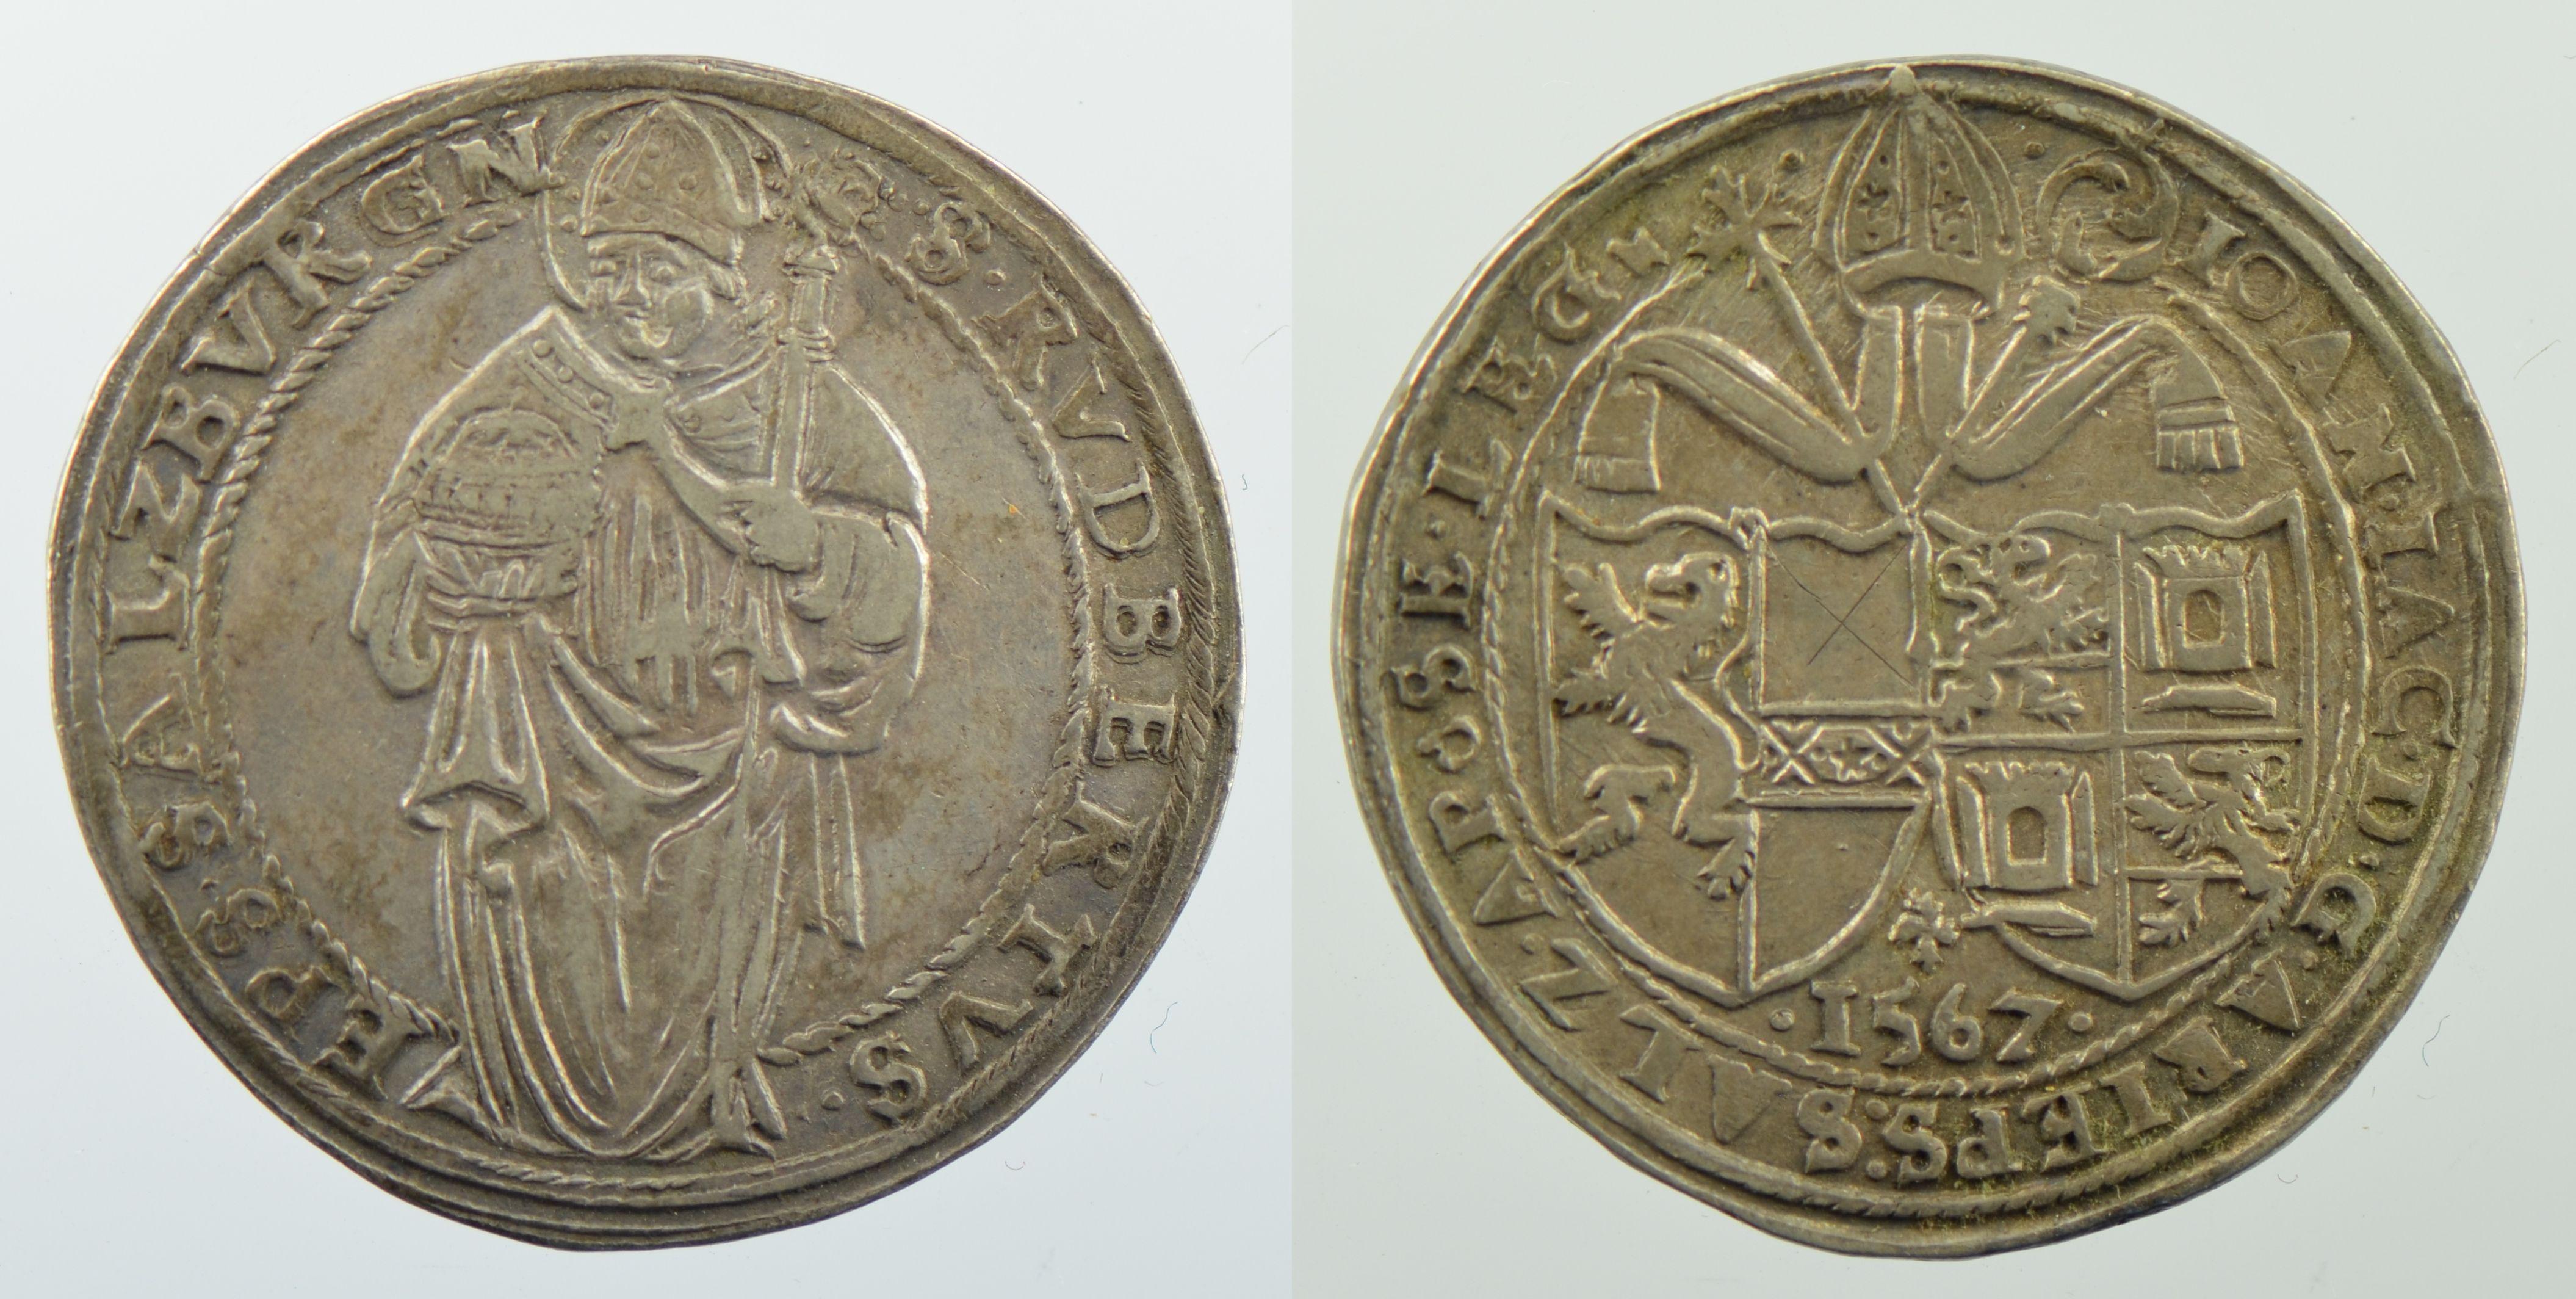 Halbtaler 1567, Schweizer Nationalmuseum